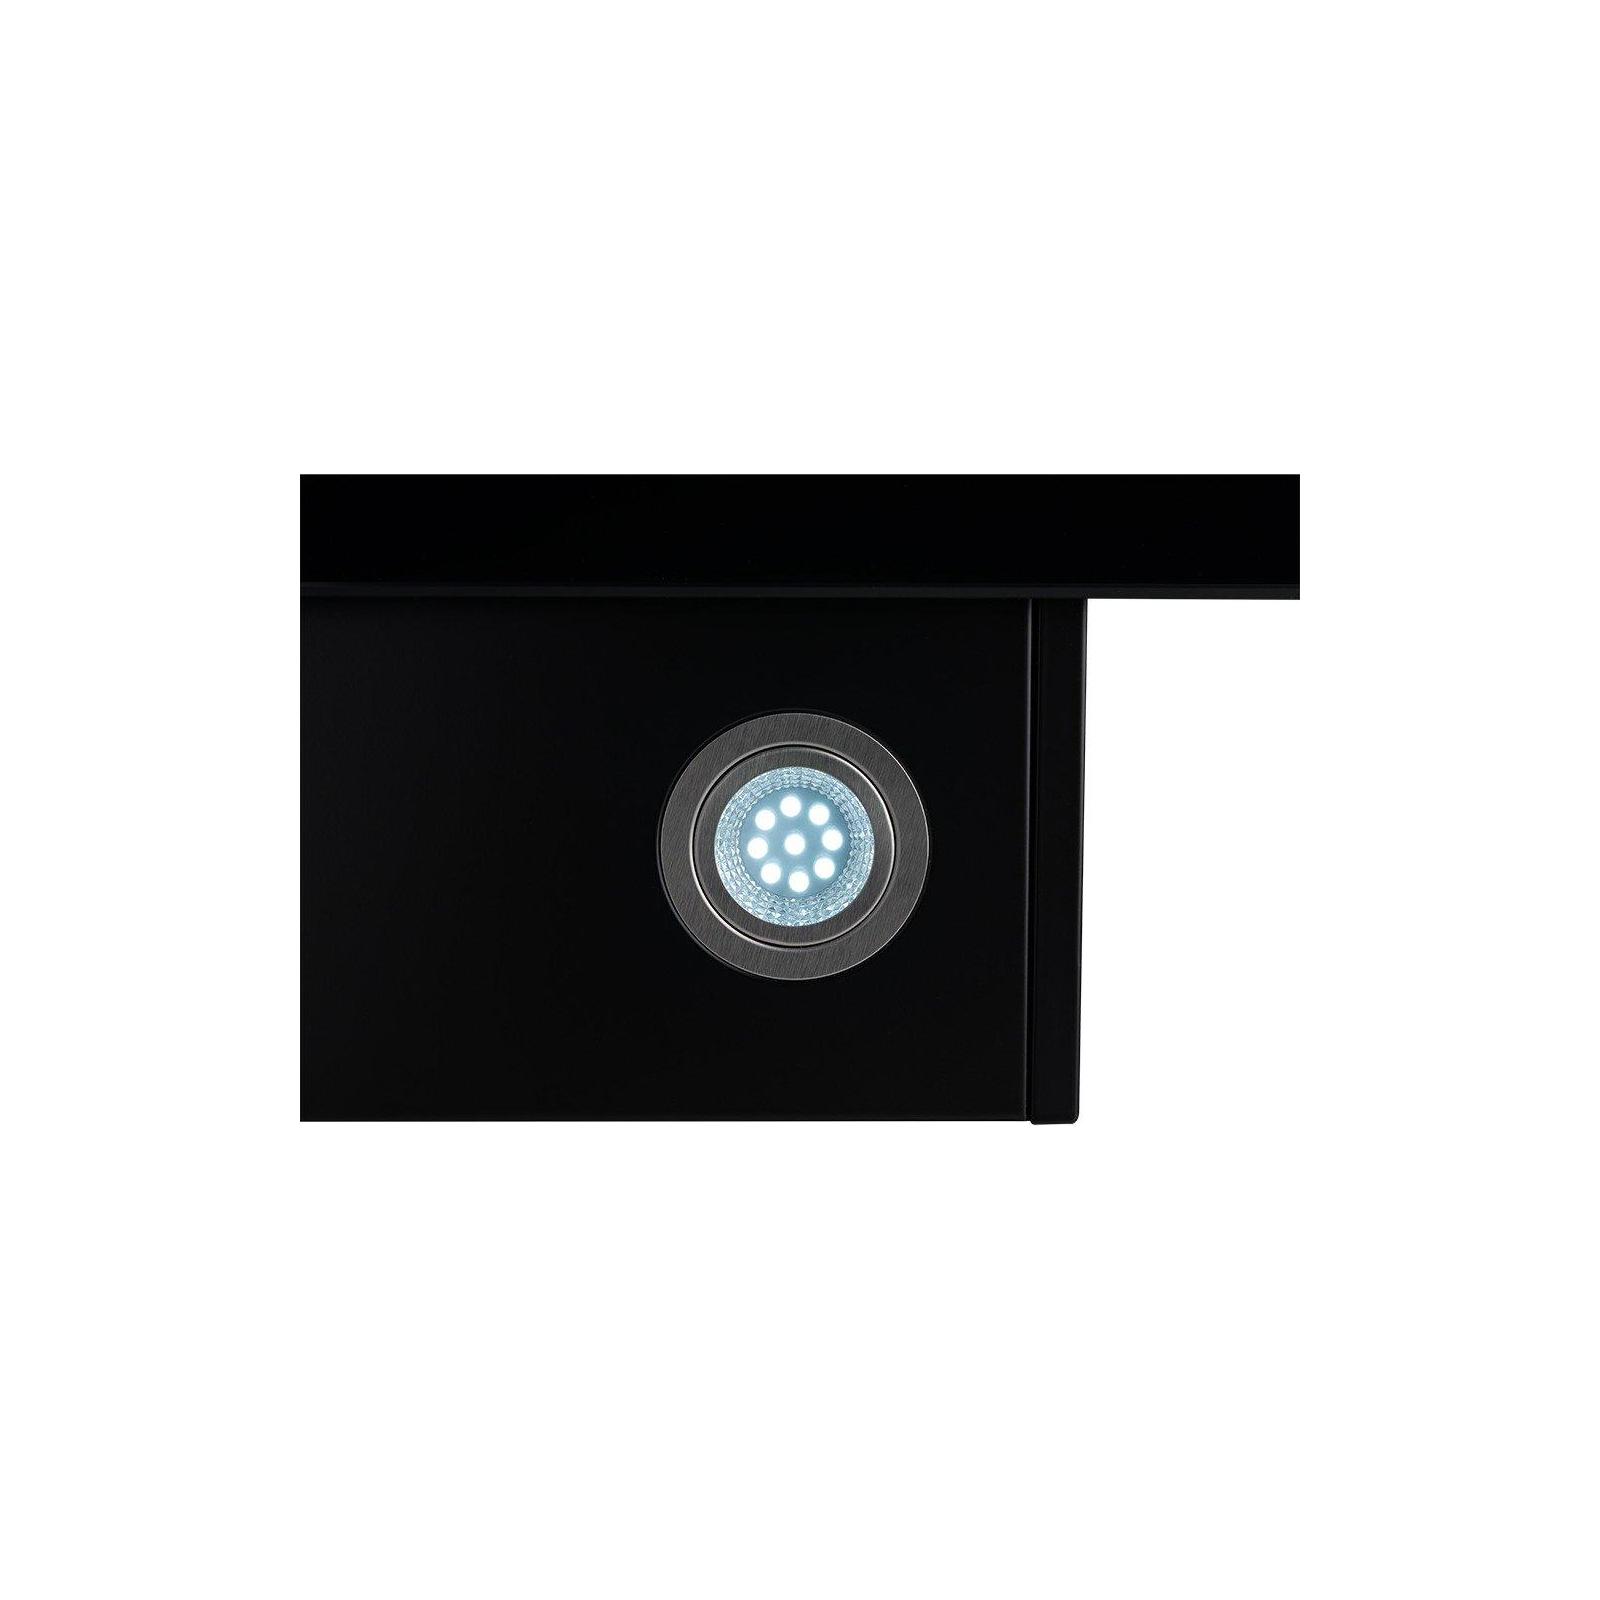 Вытяжка кухонная MINOLA HVS 6642 BL 1000 LED изображение 5